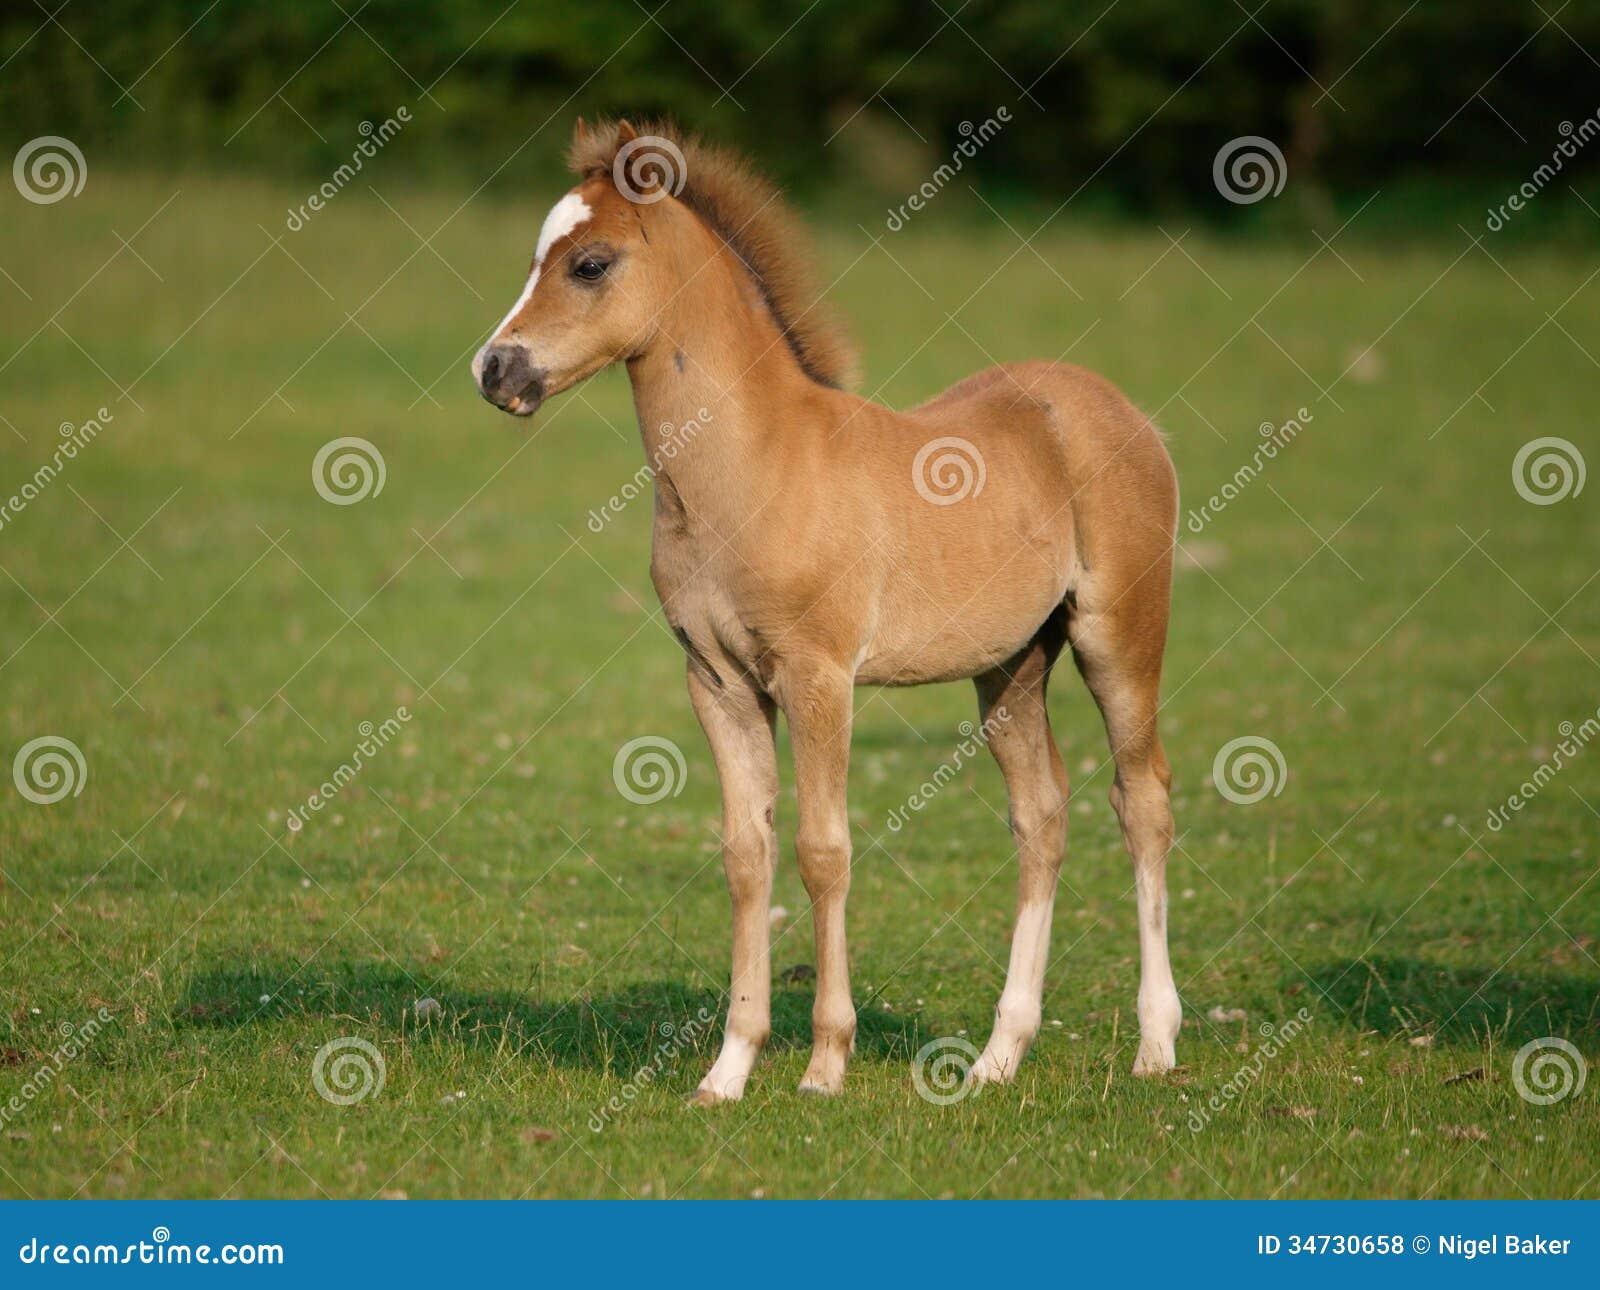 Newborn horse standing - photo#7